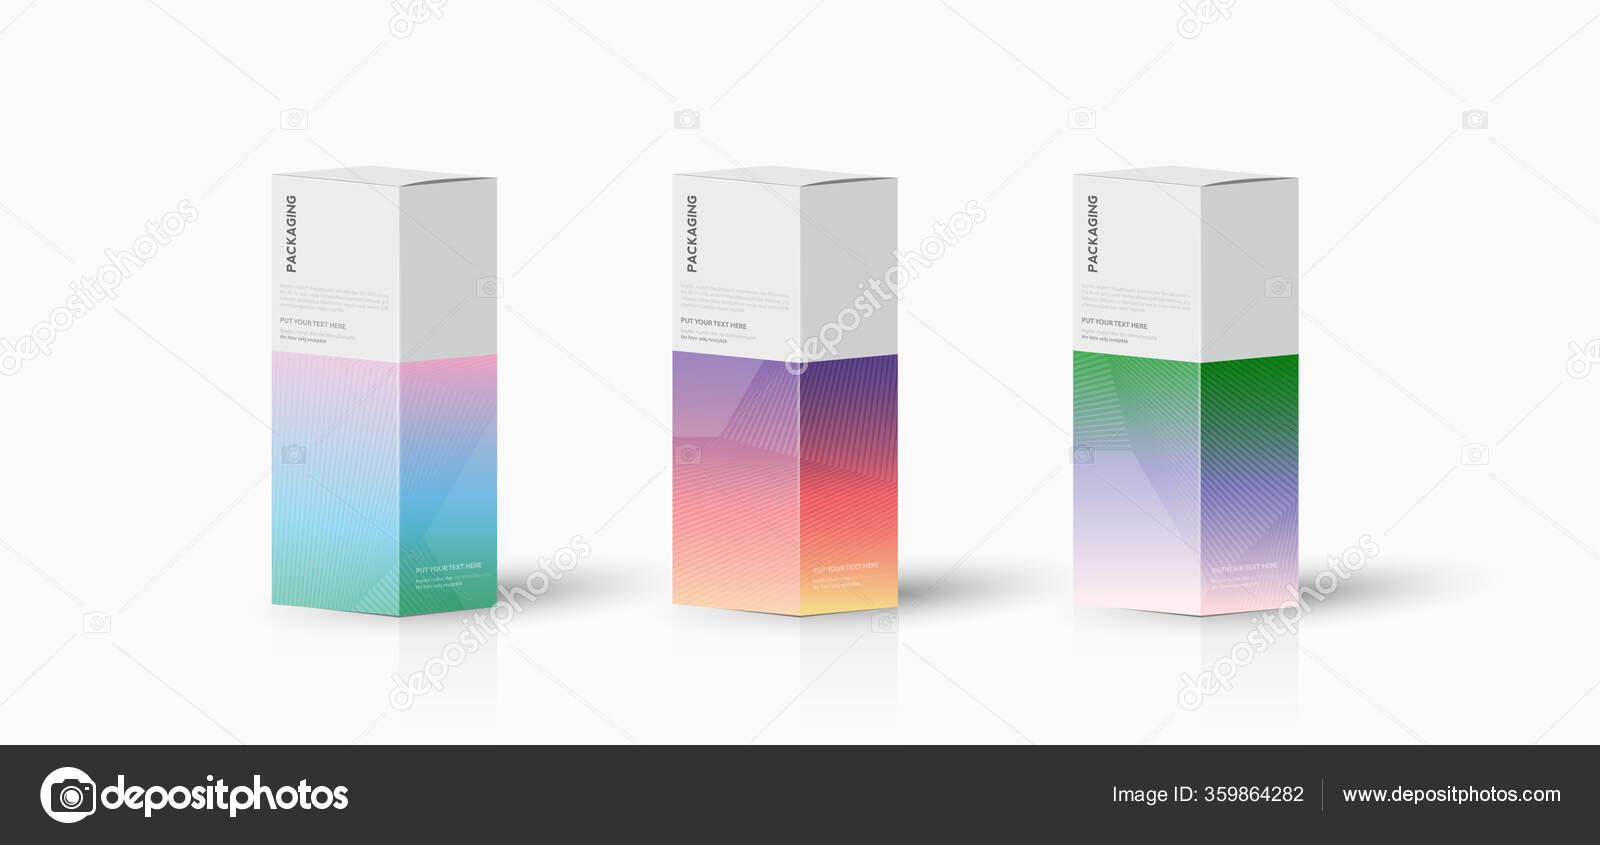 Kotak Templat Kemasan Untuk Gambar Desain Vektor Produk ...